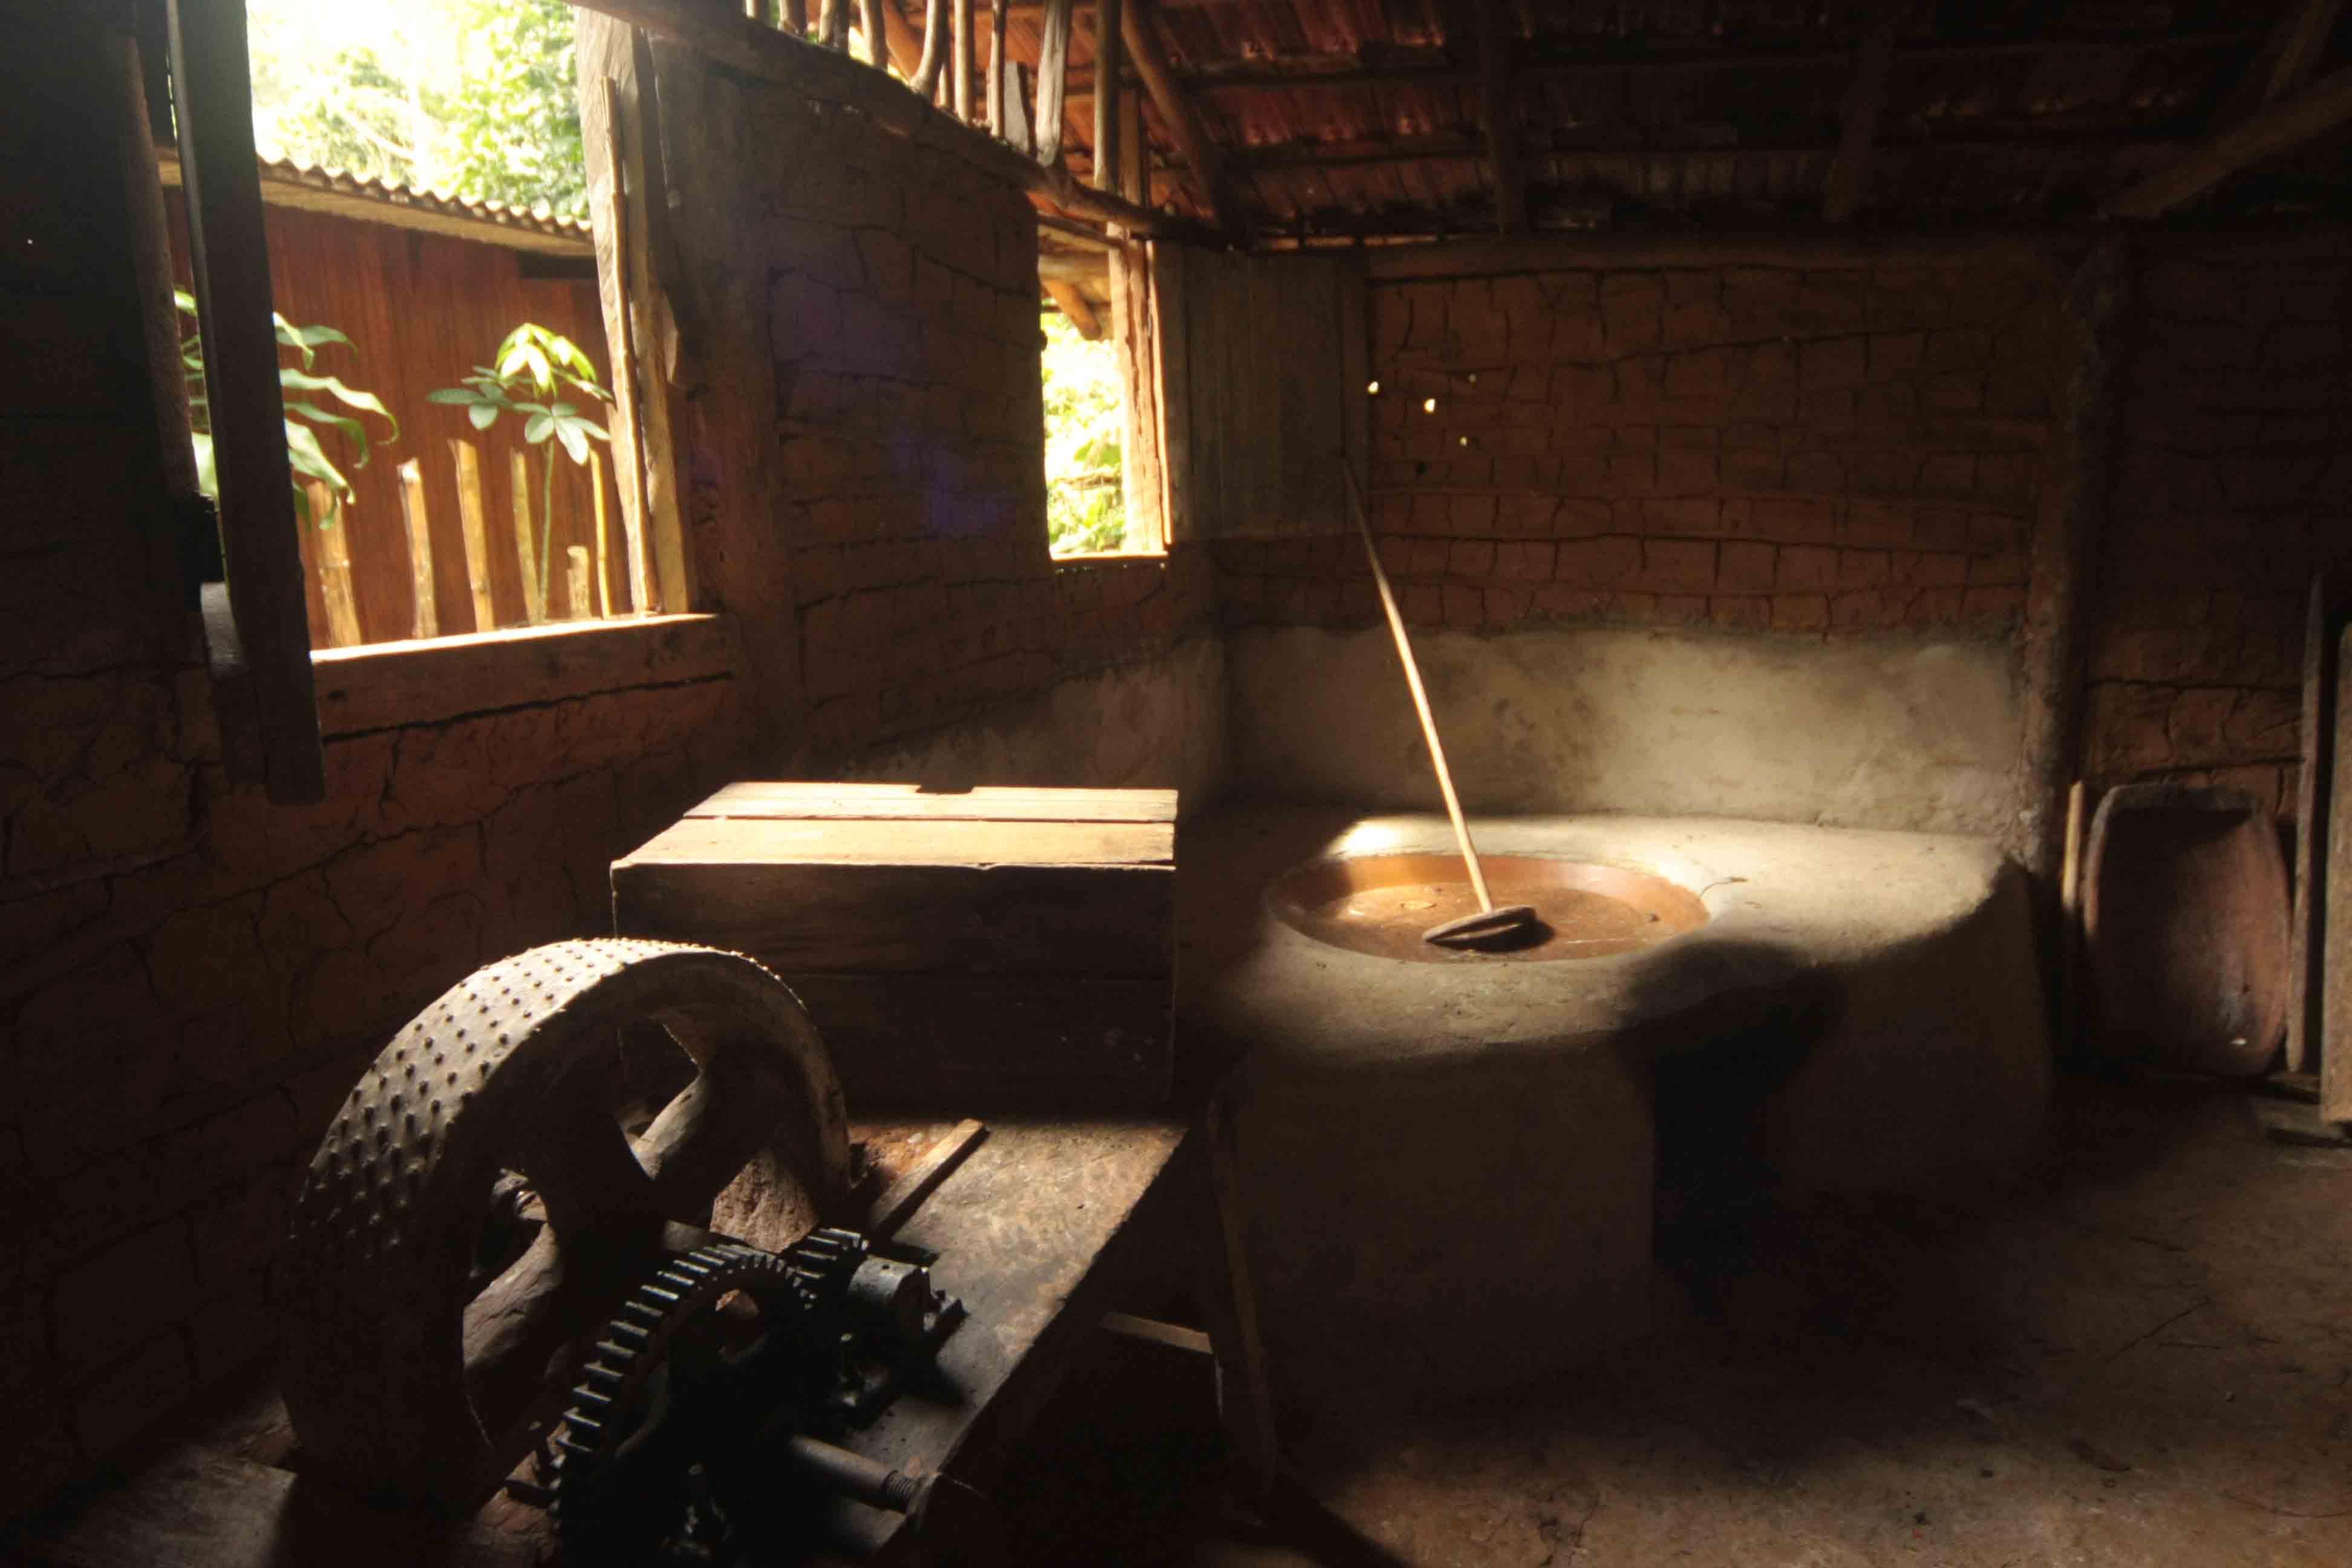 Ubatuba-cultura-comunidades-quilombo-368-bx